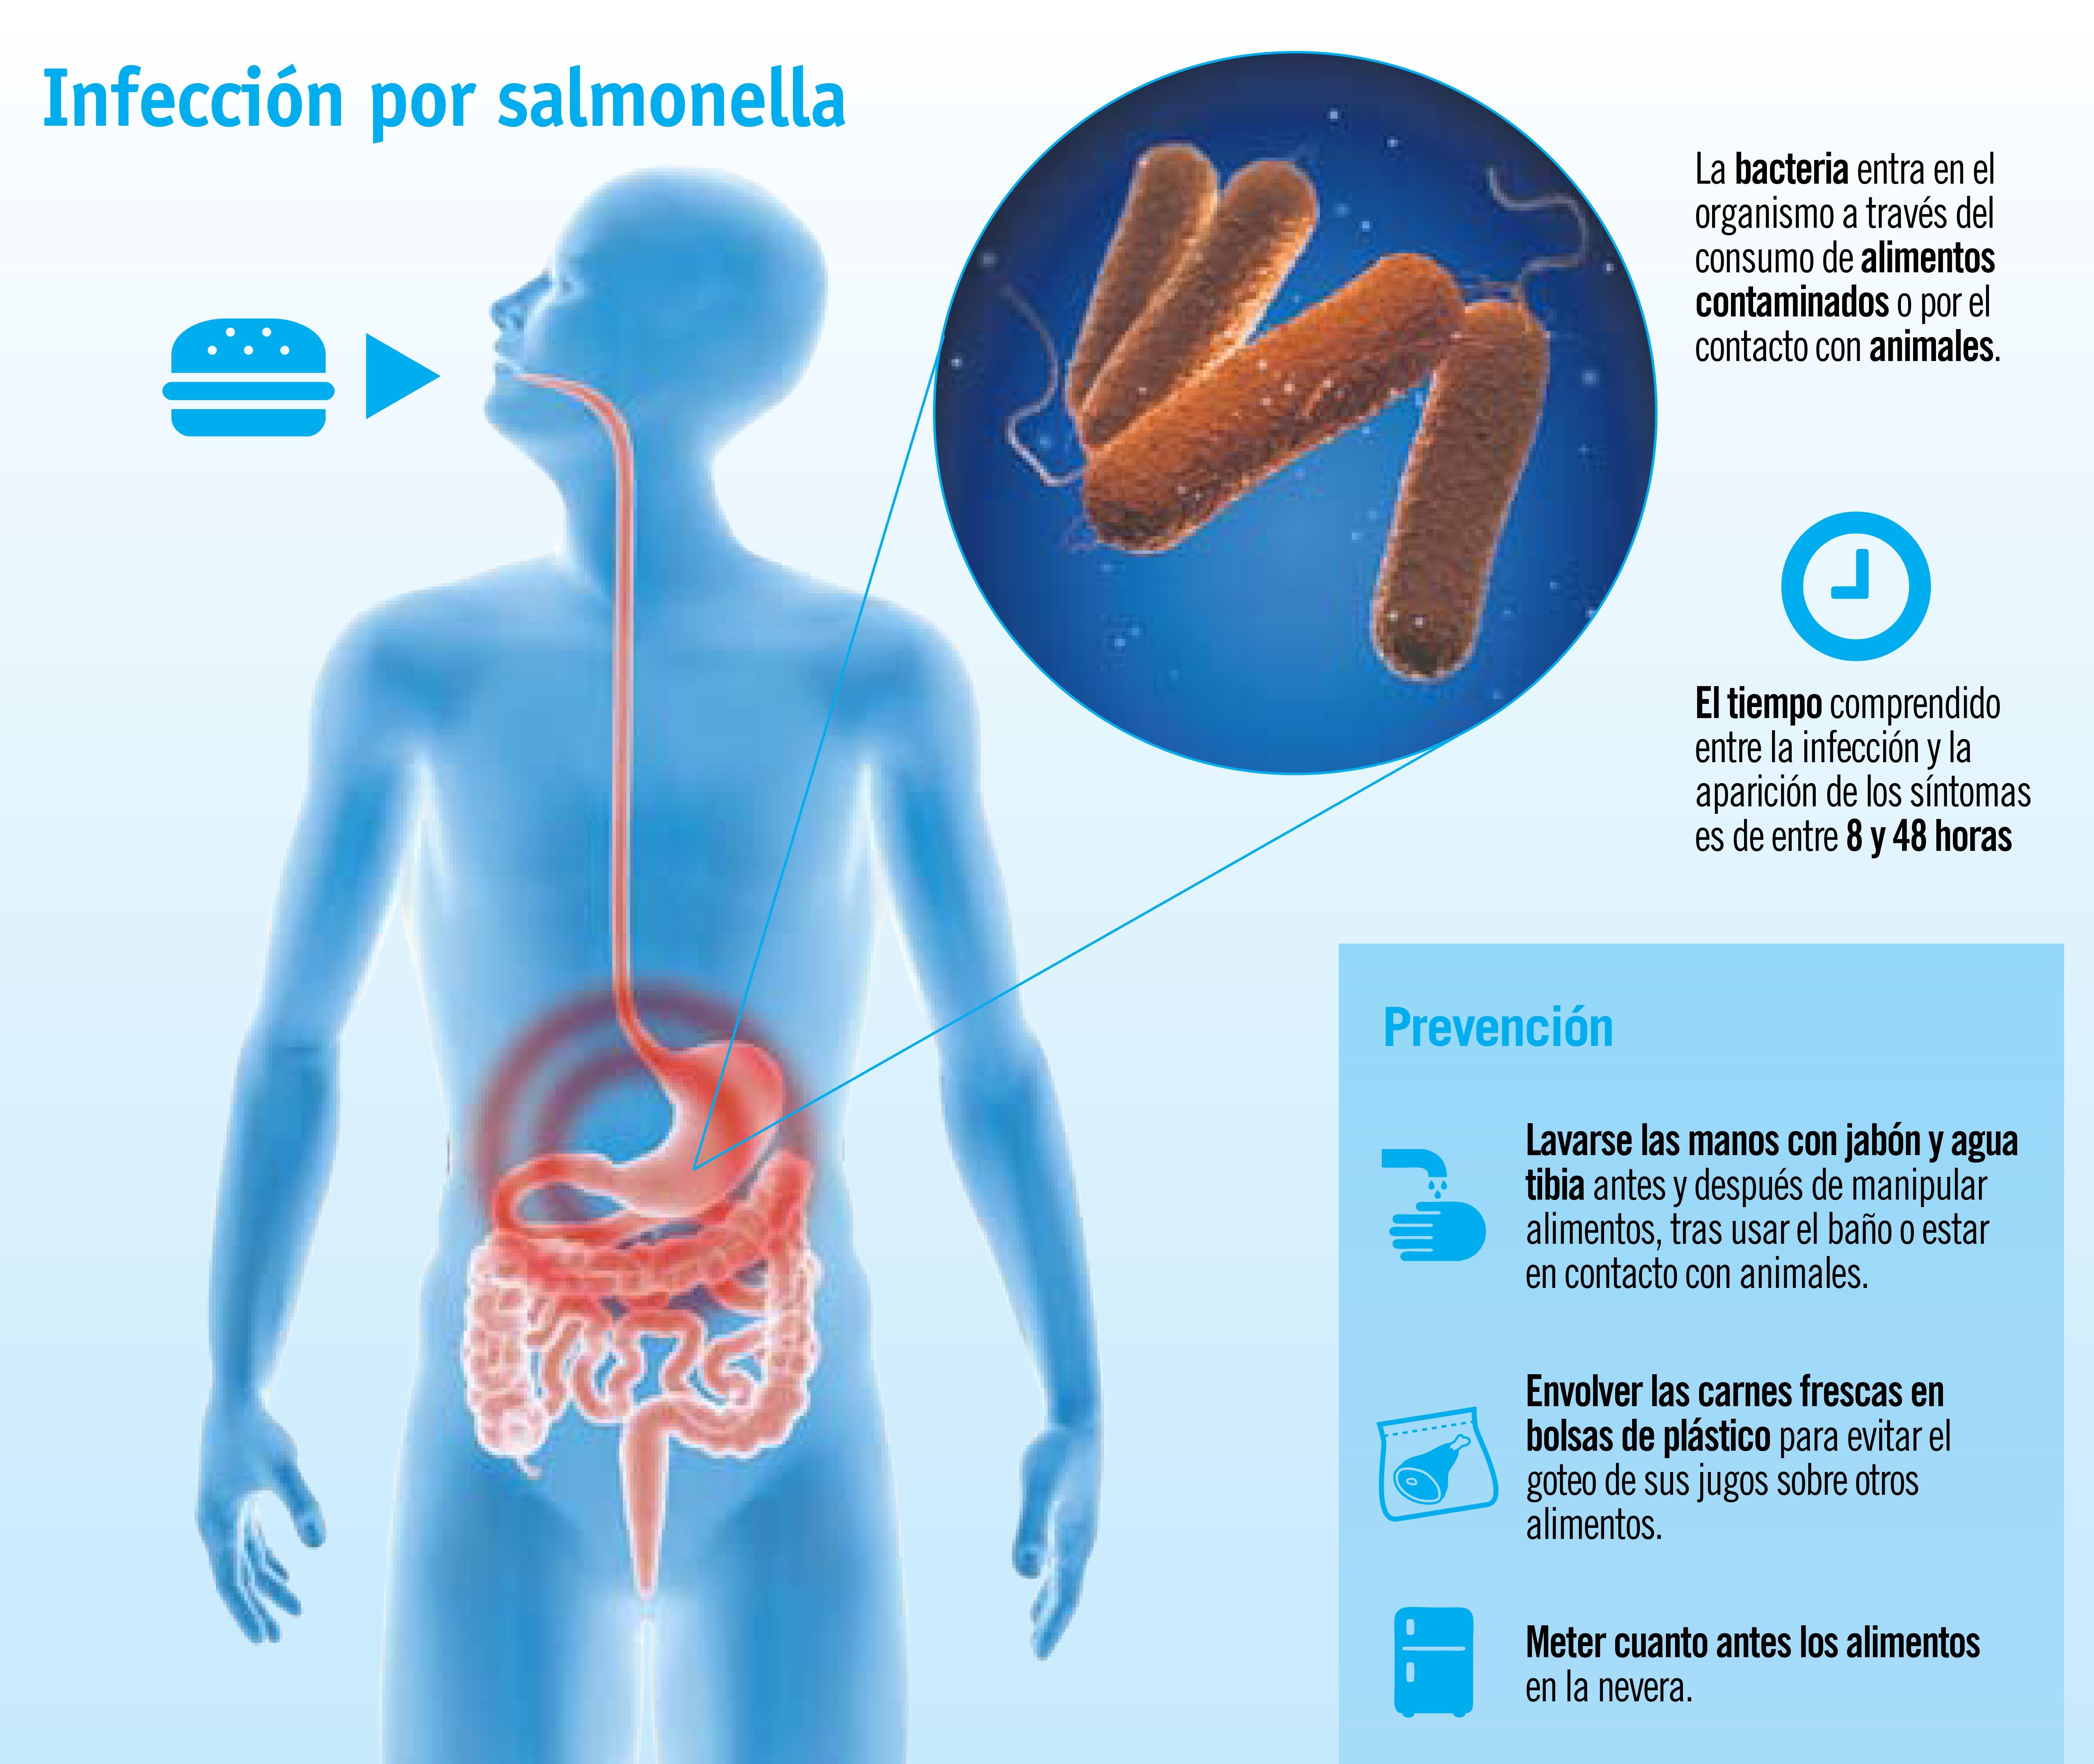 Salmonelosis: una intoxicación típica de verano